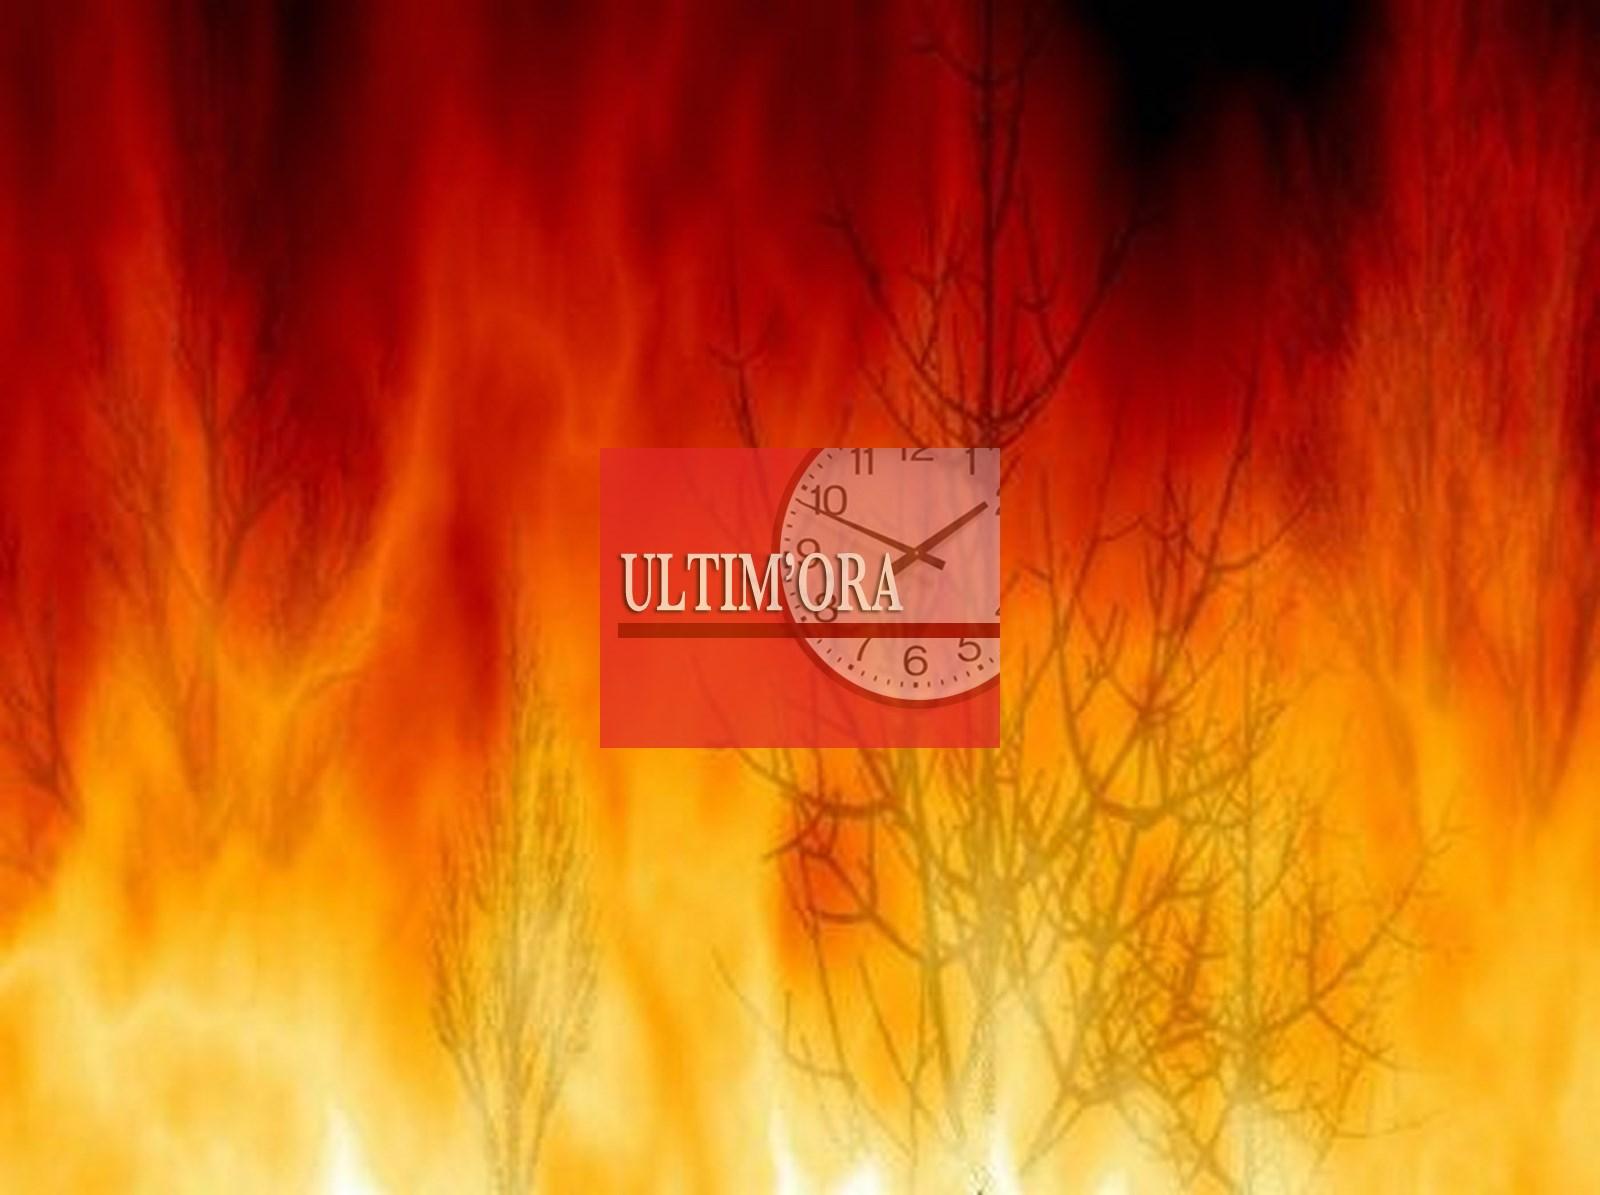 S. Mauro in difficoltà: due roghi si uniscono / Incendi tra Gratteri e Collesano